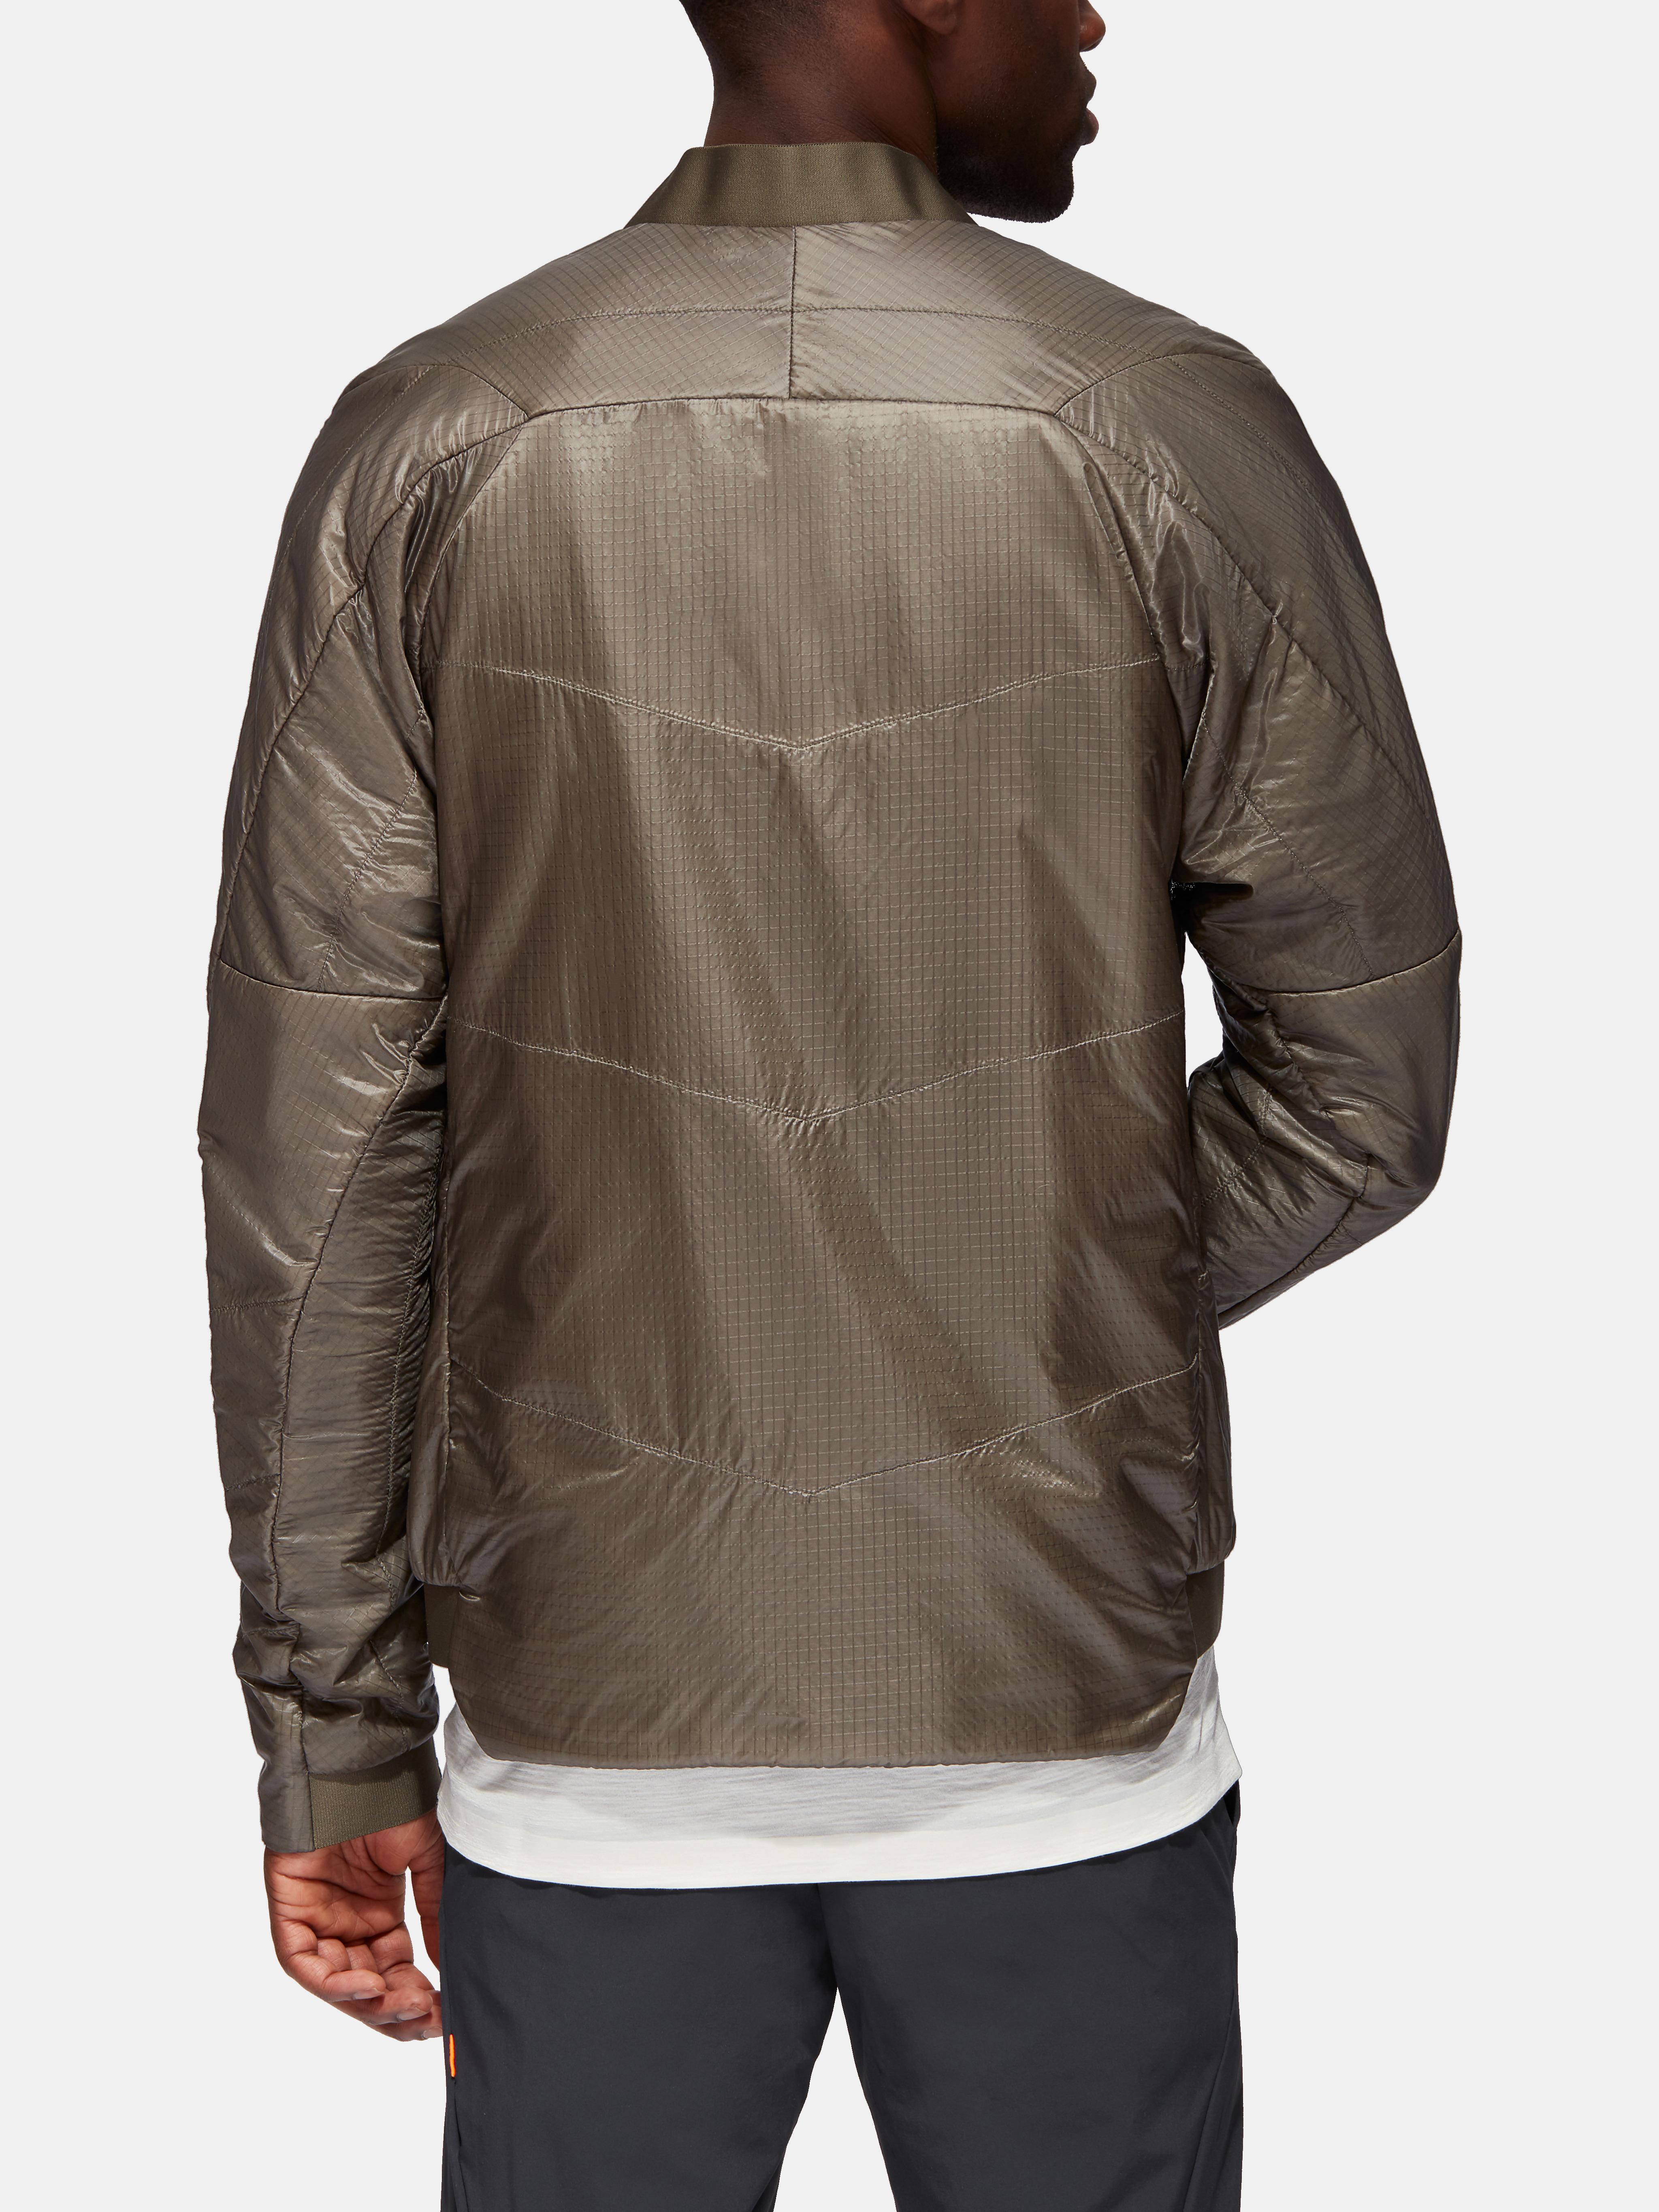 Limmatquai Light IN Bomber Jacket Men product image